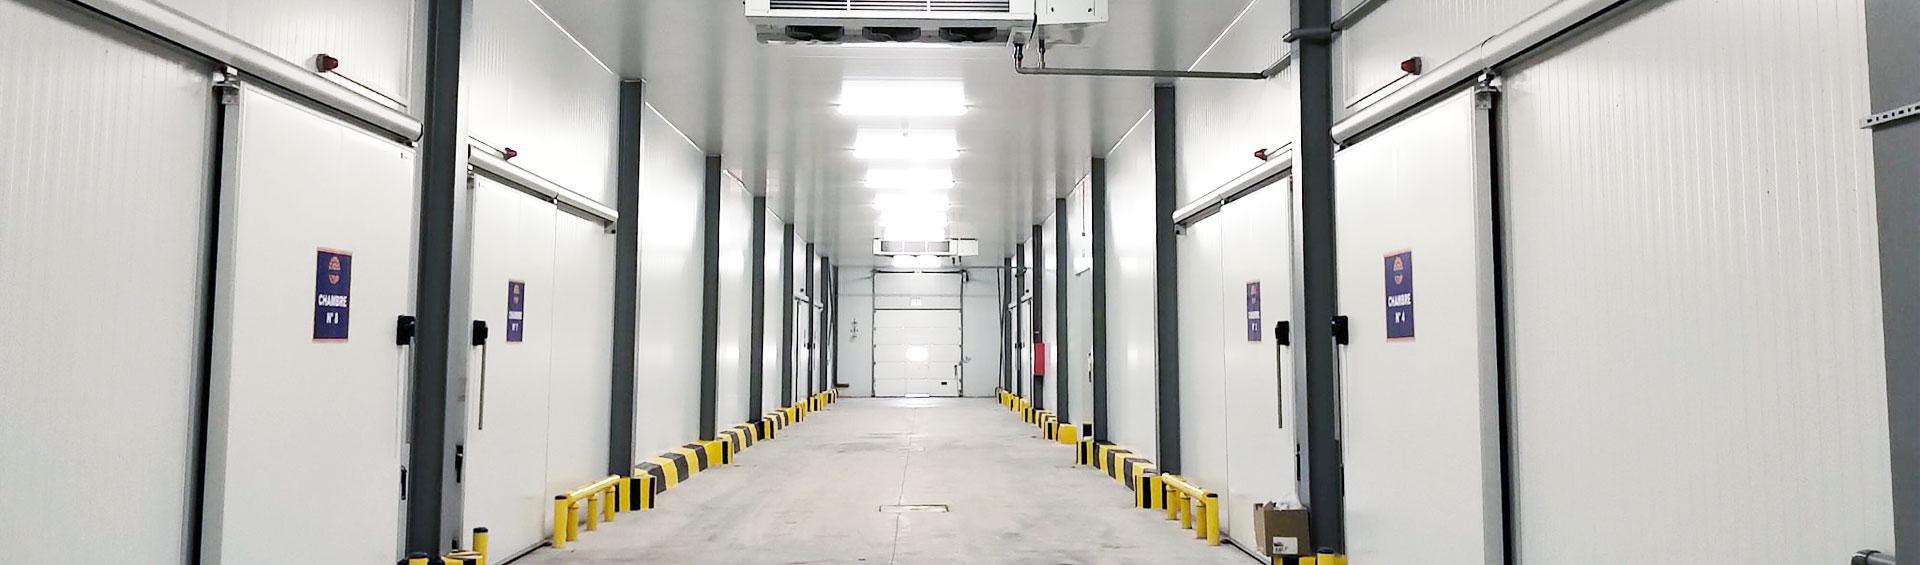 puertas industriales, especialistas en puertas para cámaras frigoríficas